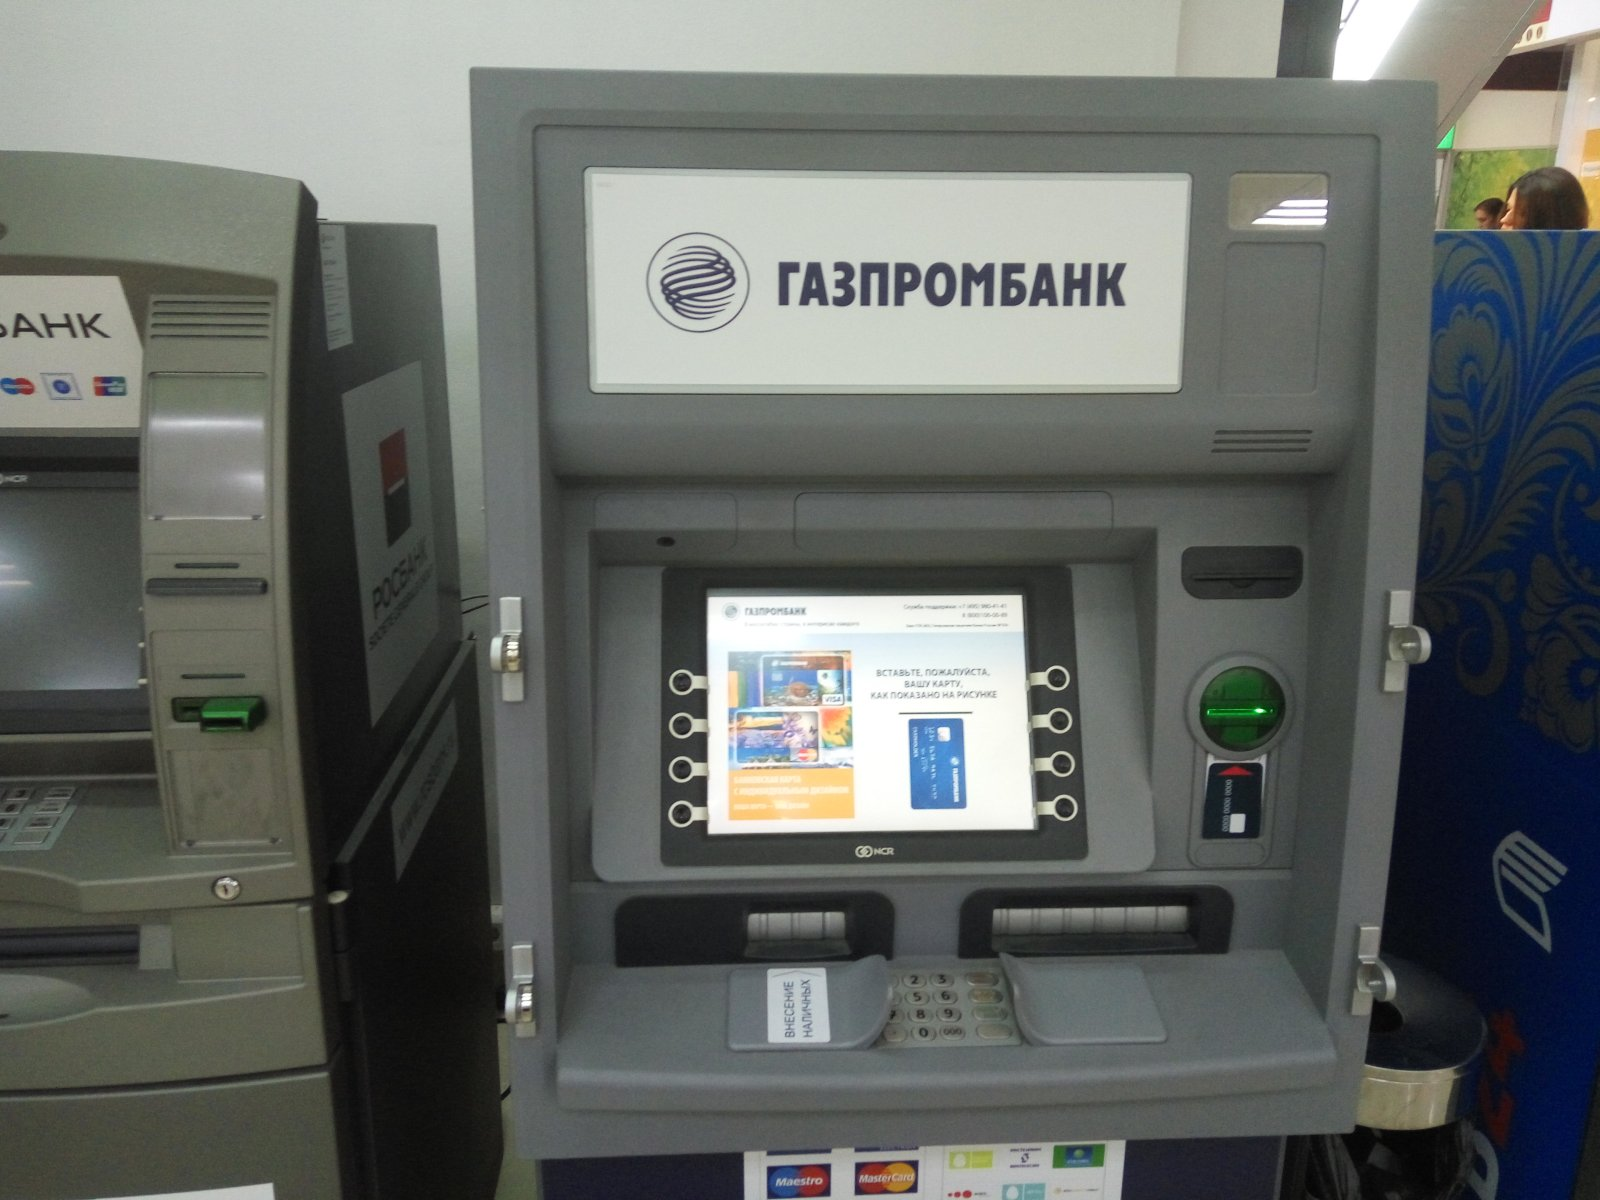 Как снять деньги с карты Газпромбанка без комиссии